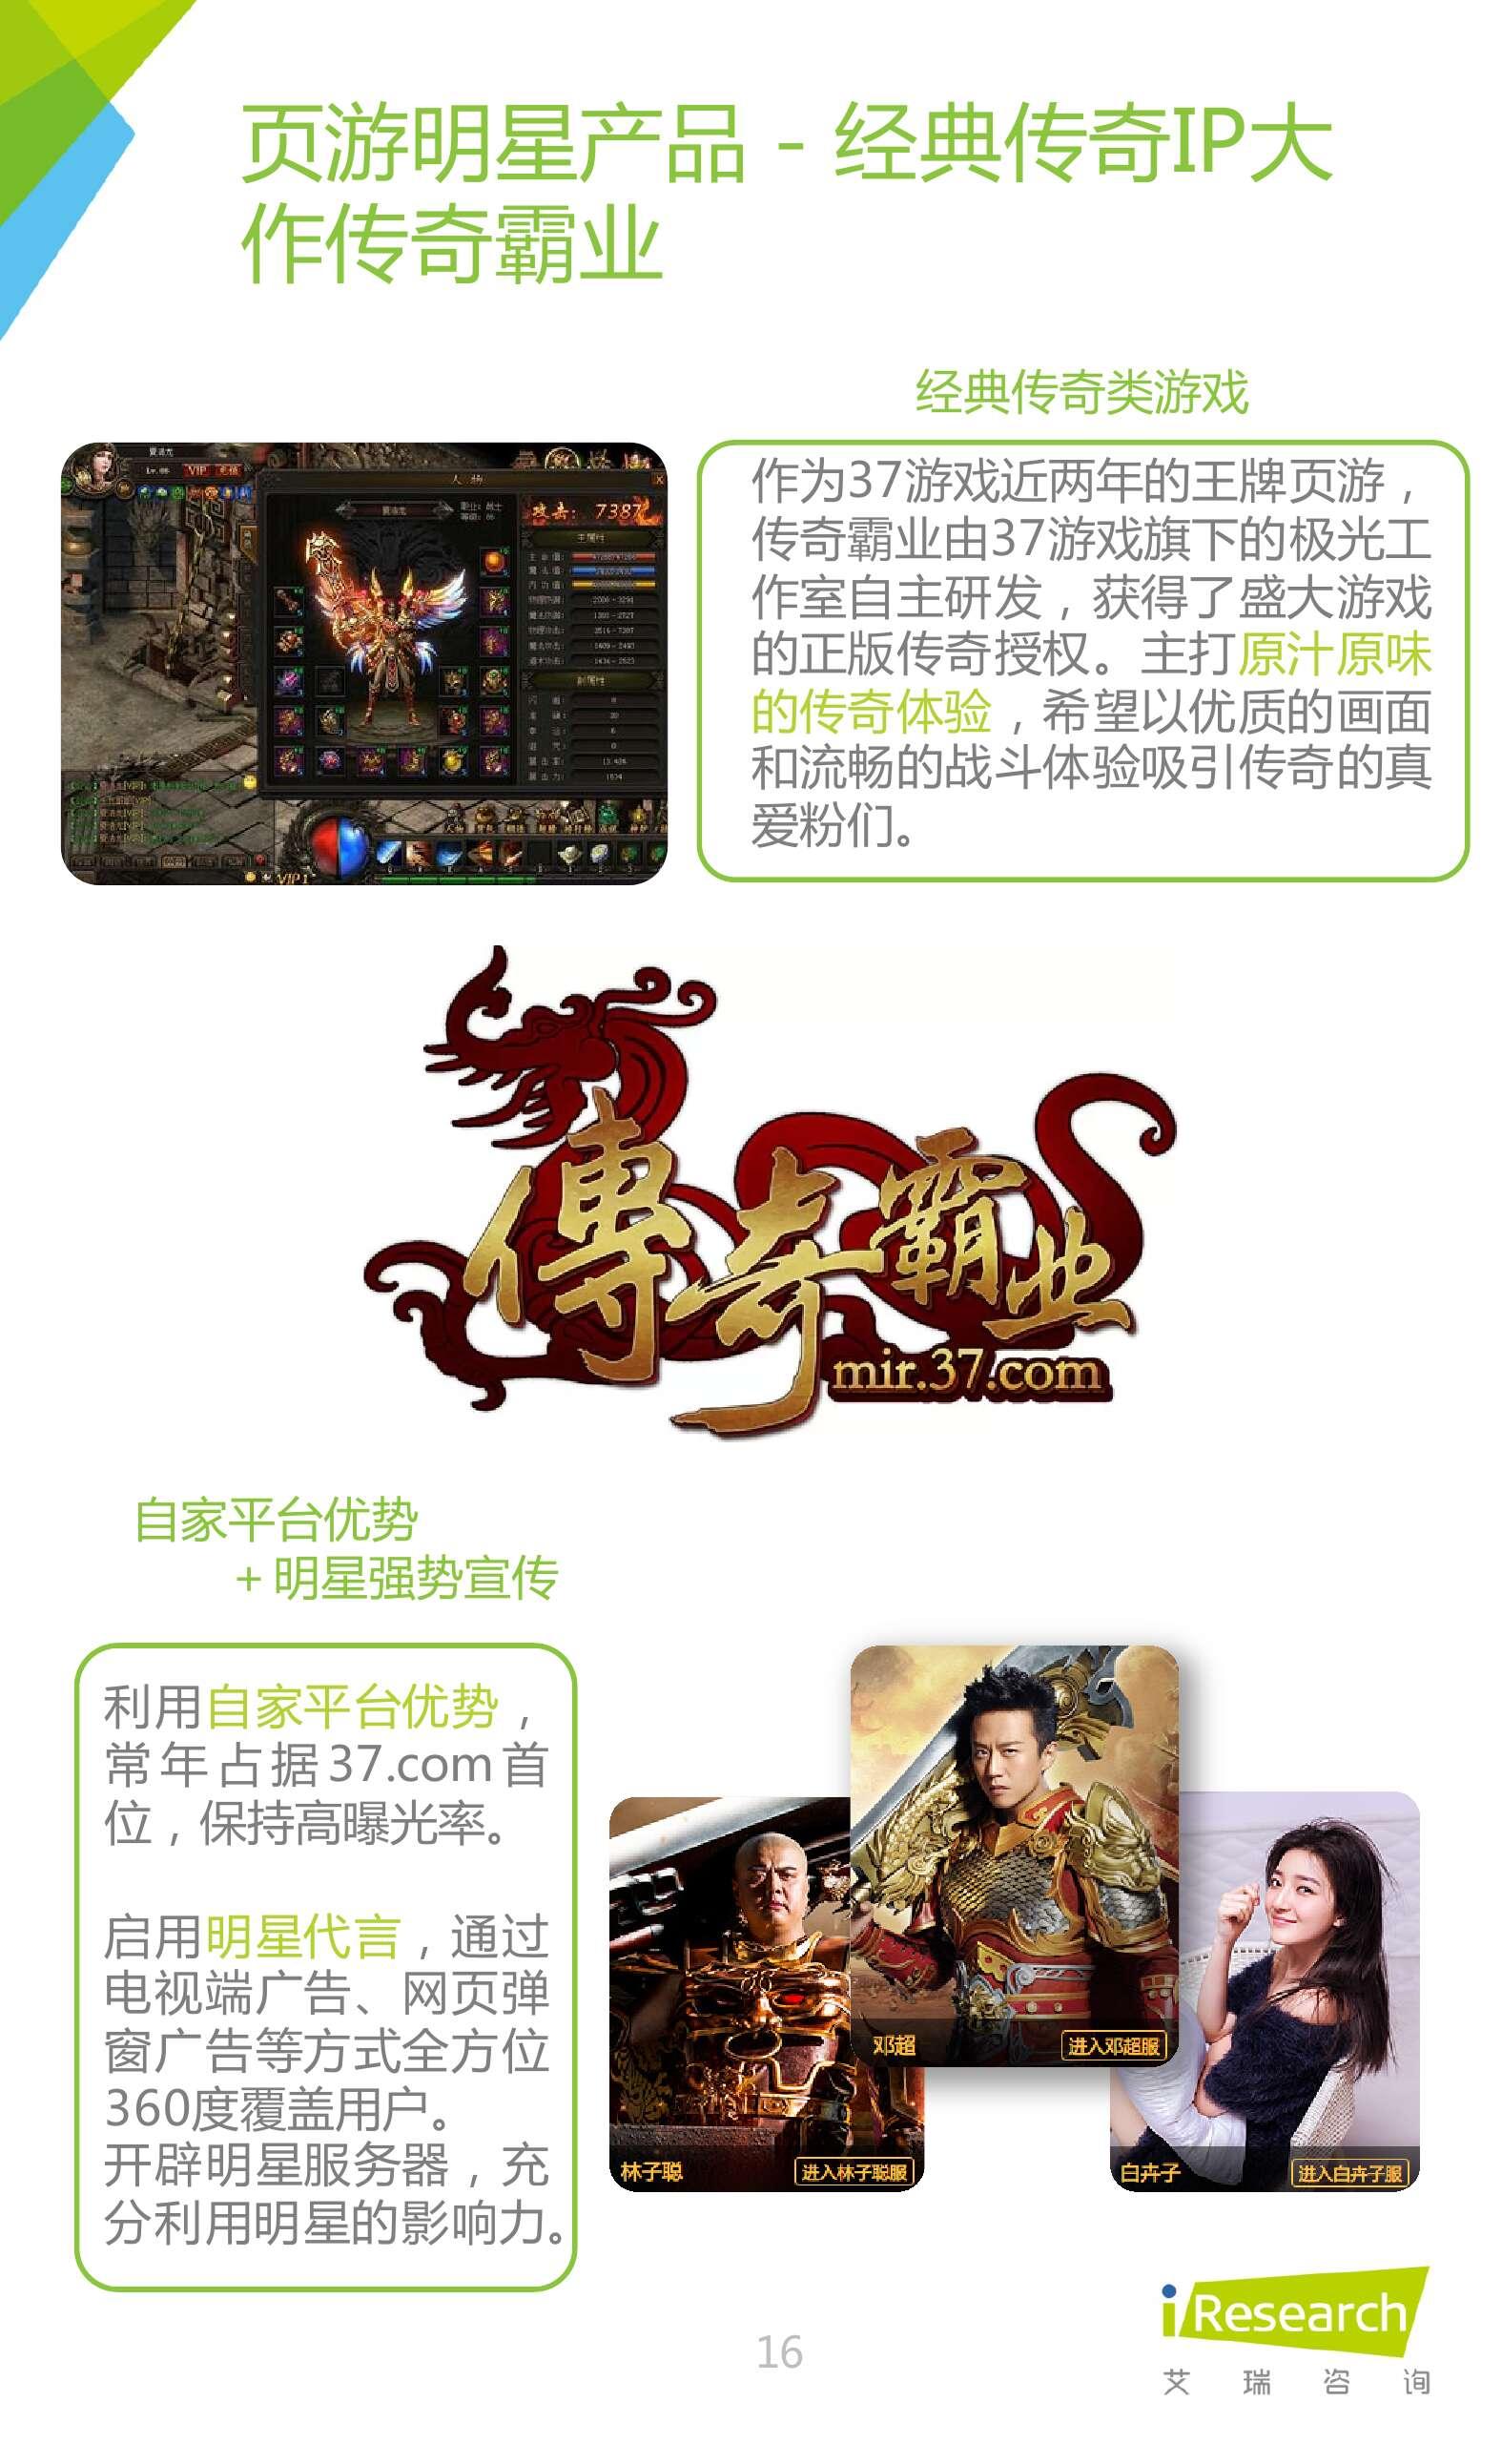 2016年中国网页游戏行业研究报告_000016